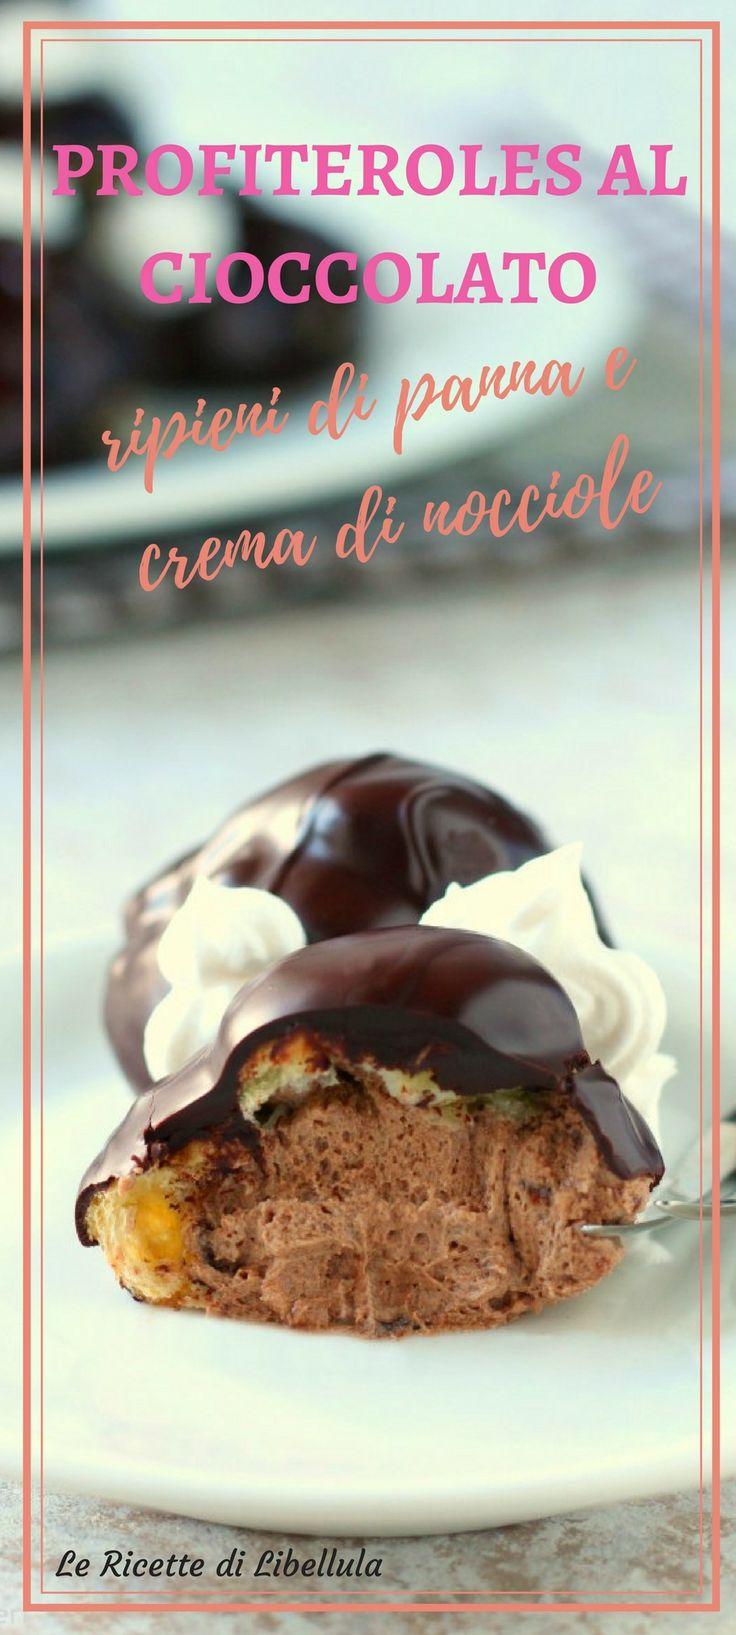 profiteroles al cioccolato ripieni di panna e crema di nocciole sono un dolce irresistibile perfetto da realizzare per le feste, compleanni e occasioni speciali. Leggi la ricetta!